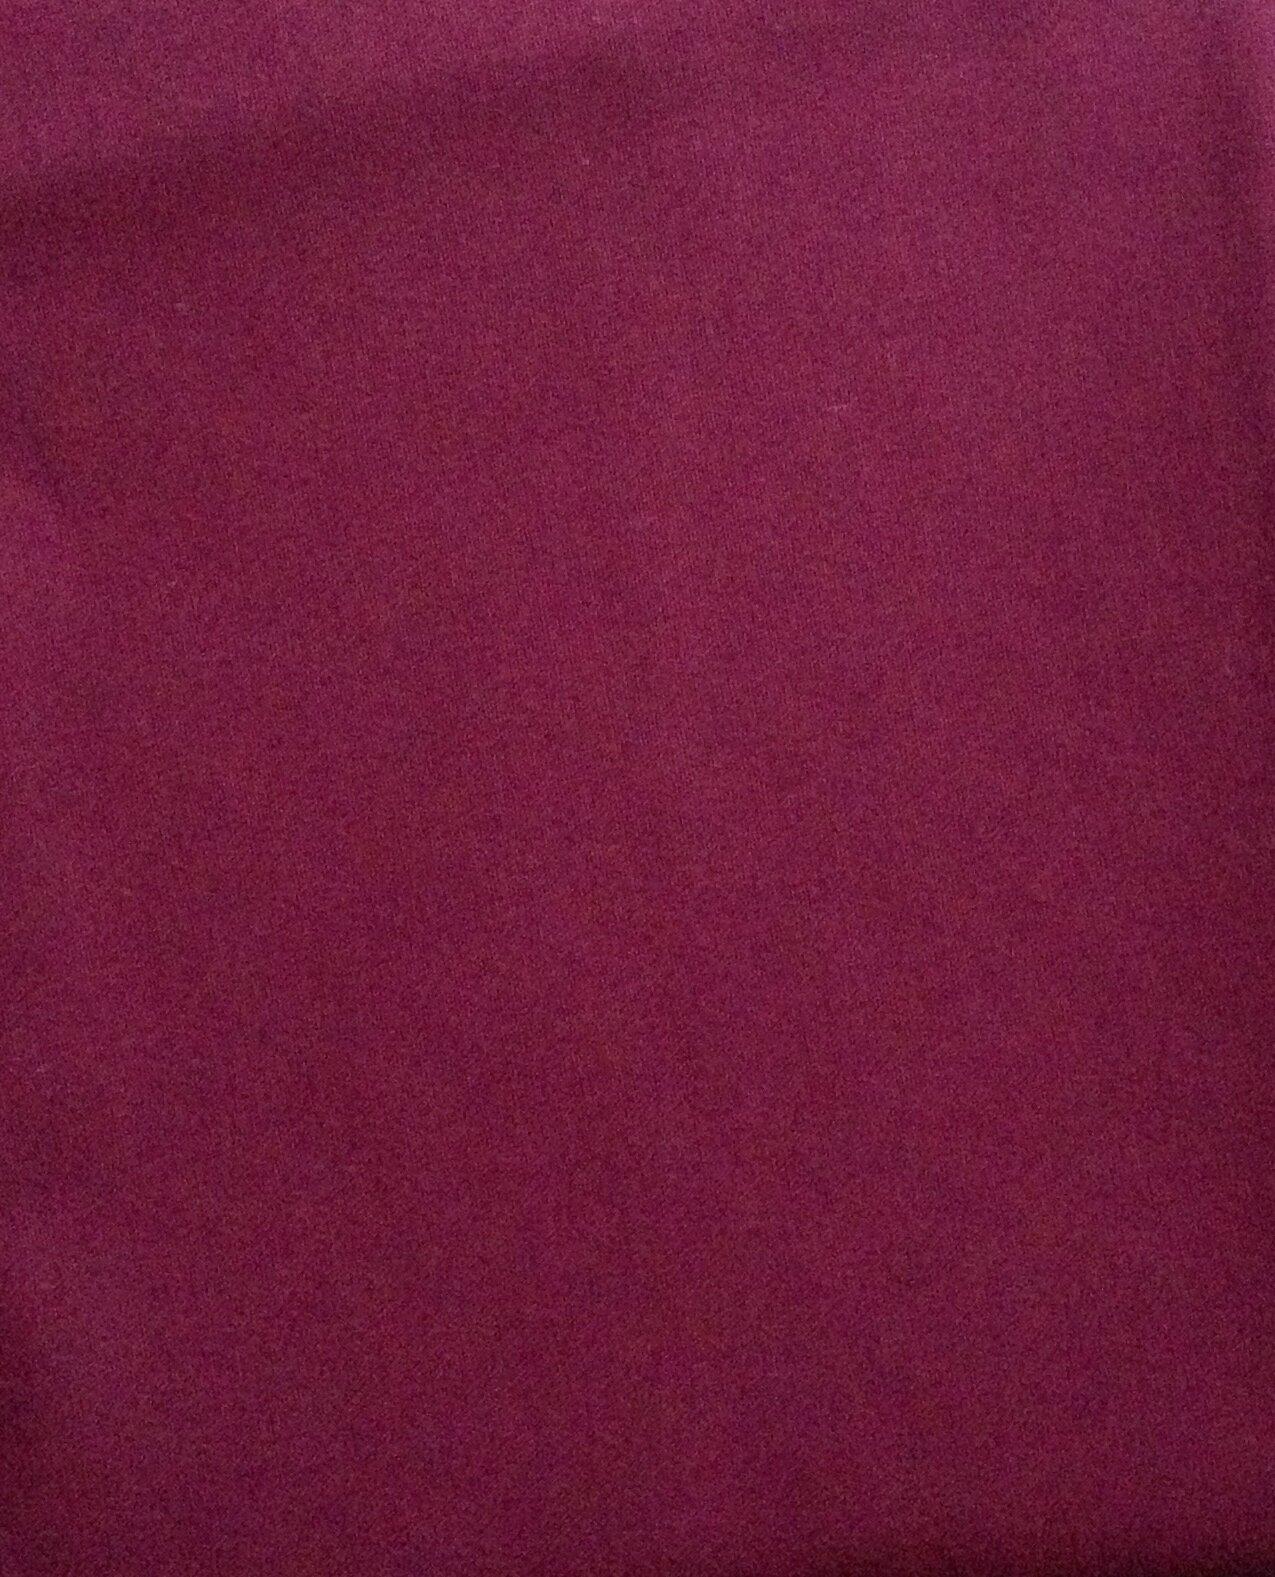 Toile De Coton Lie De Vin Pour Fabriquer Des Cabas Ou Des Pochettes